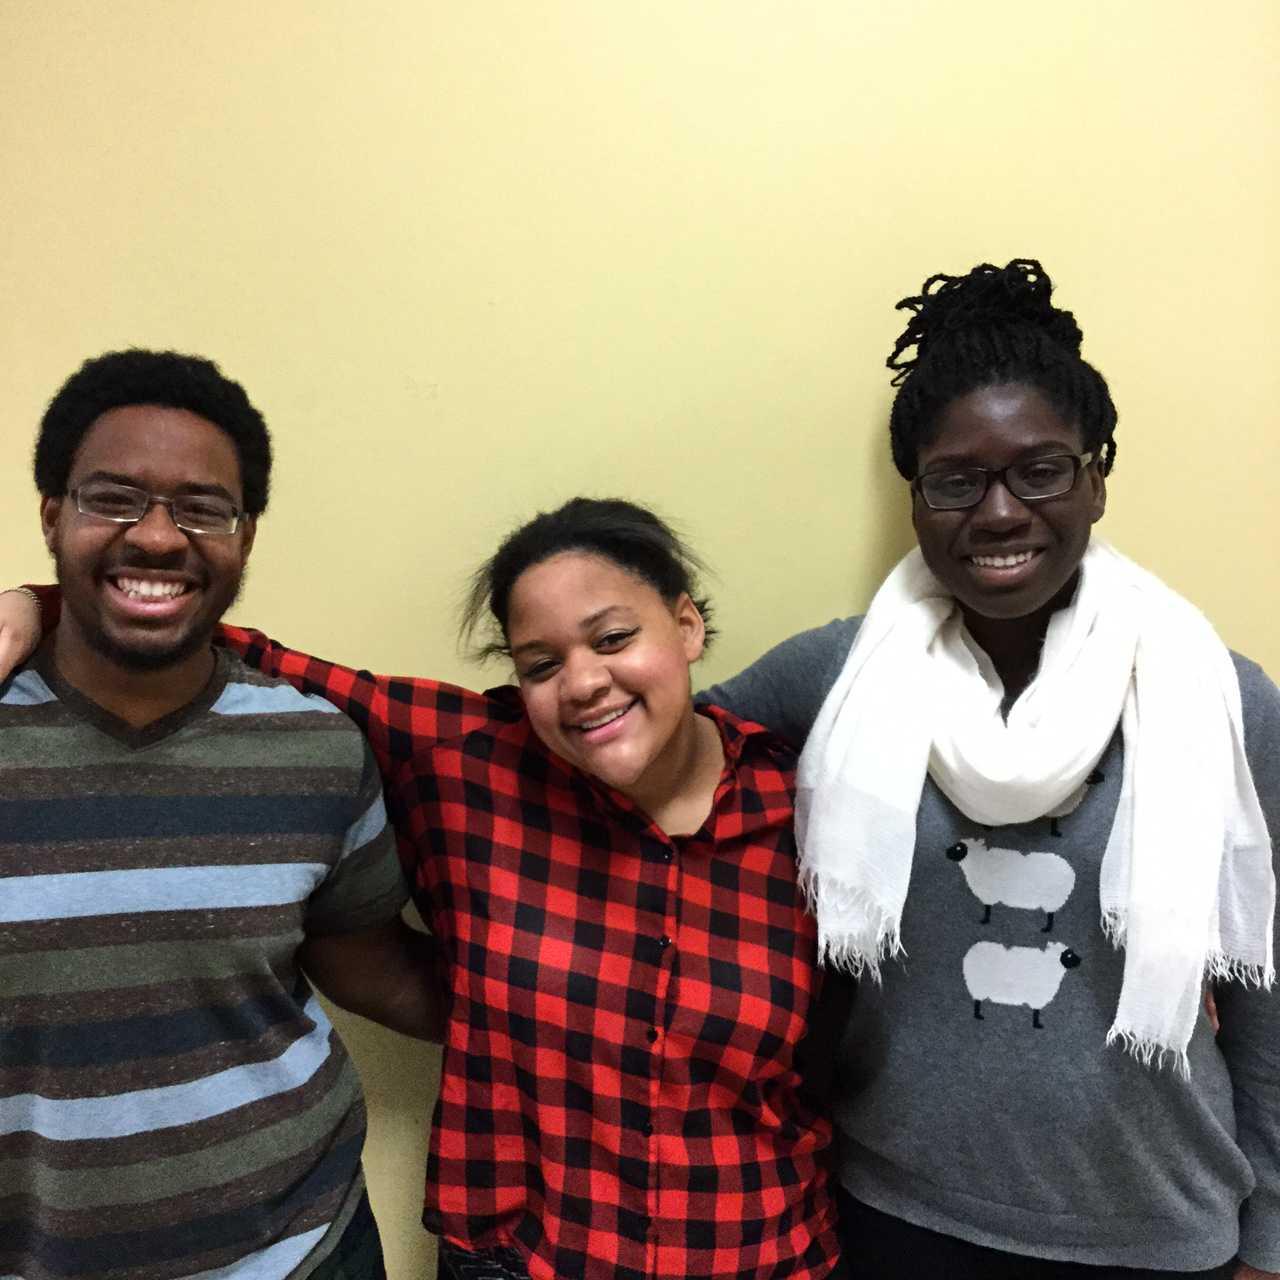 From left, seniors Brandon Harris, Becca Stevenson, and Joyce Omaiye